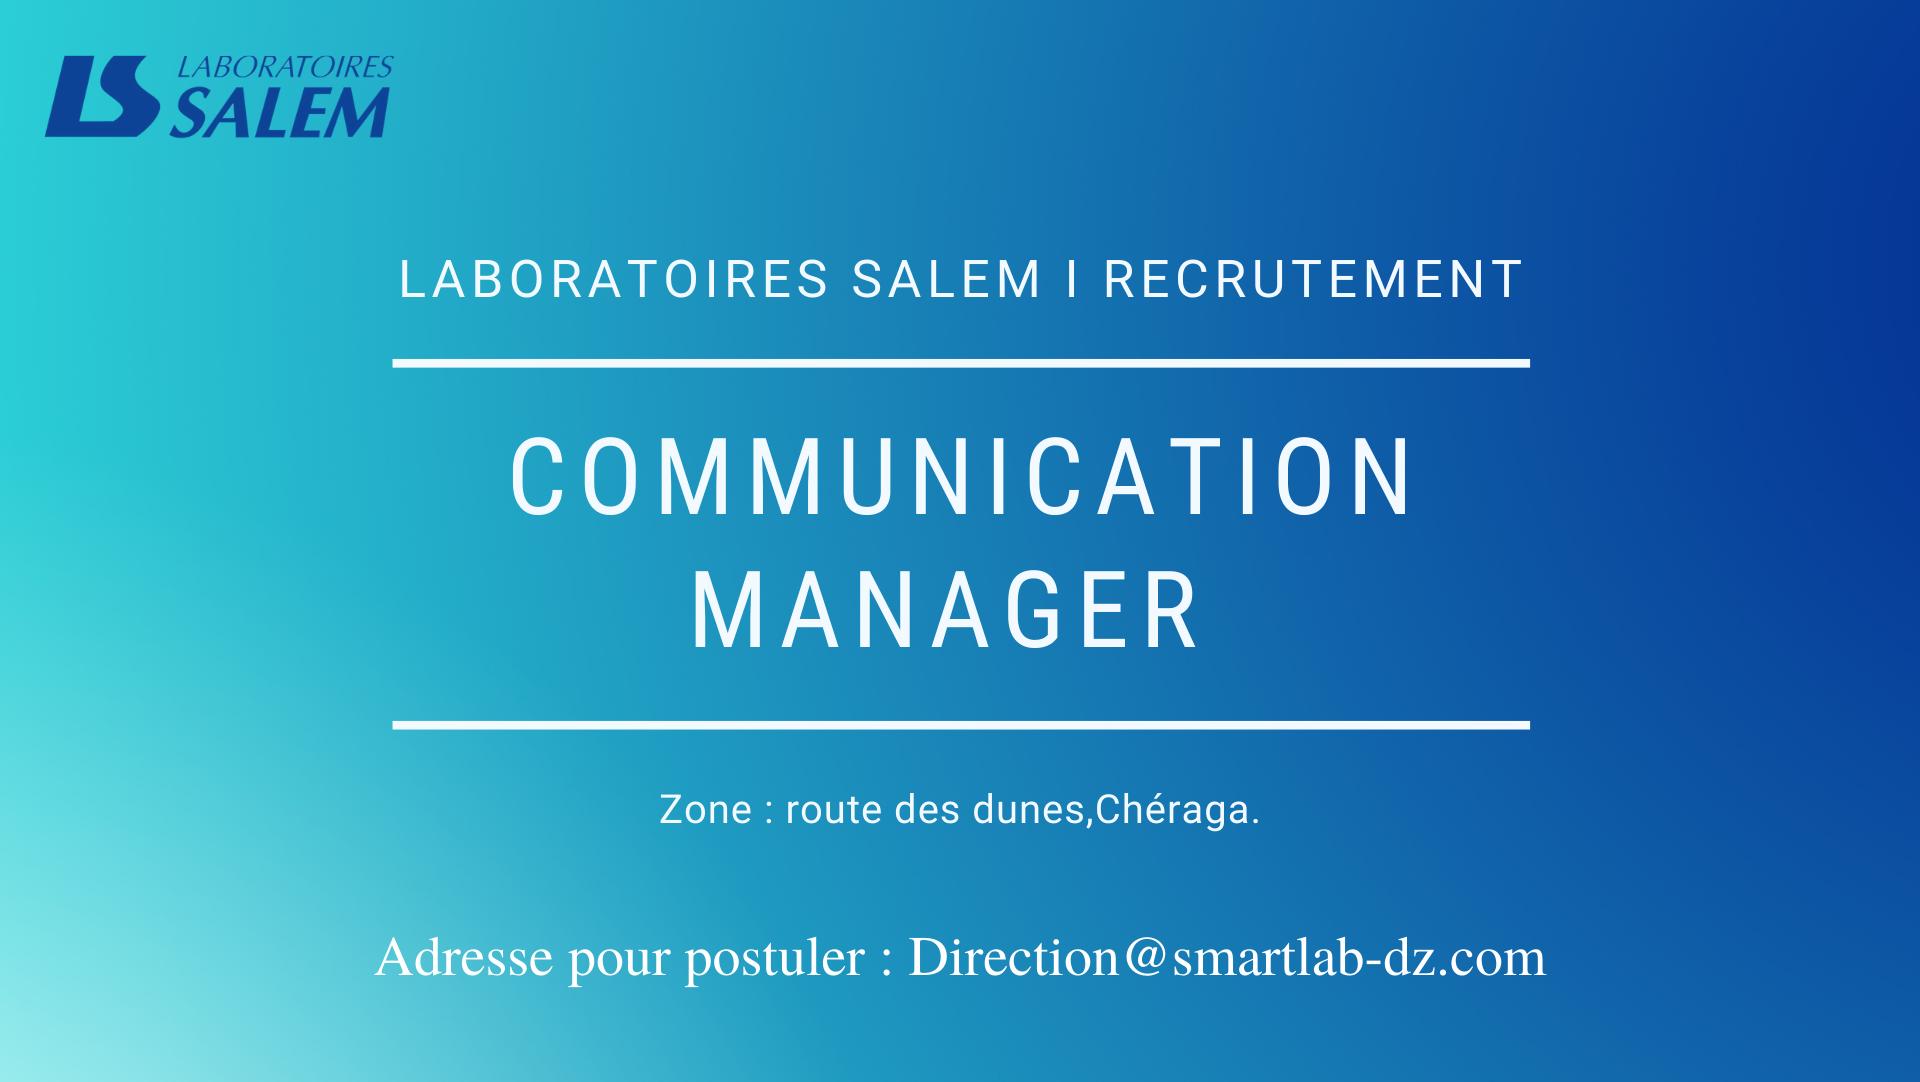 recrutement, labosalem, communication, marketing, métier,emploi, salaire, entreprise, carrière